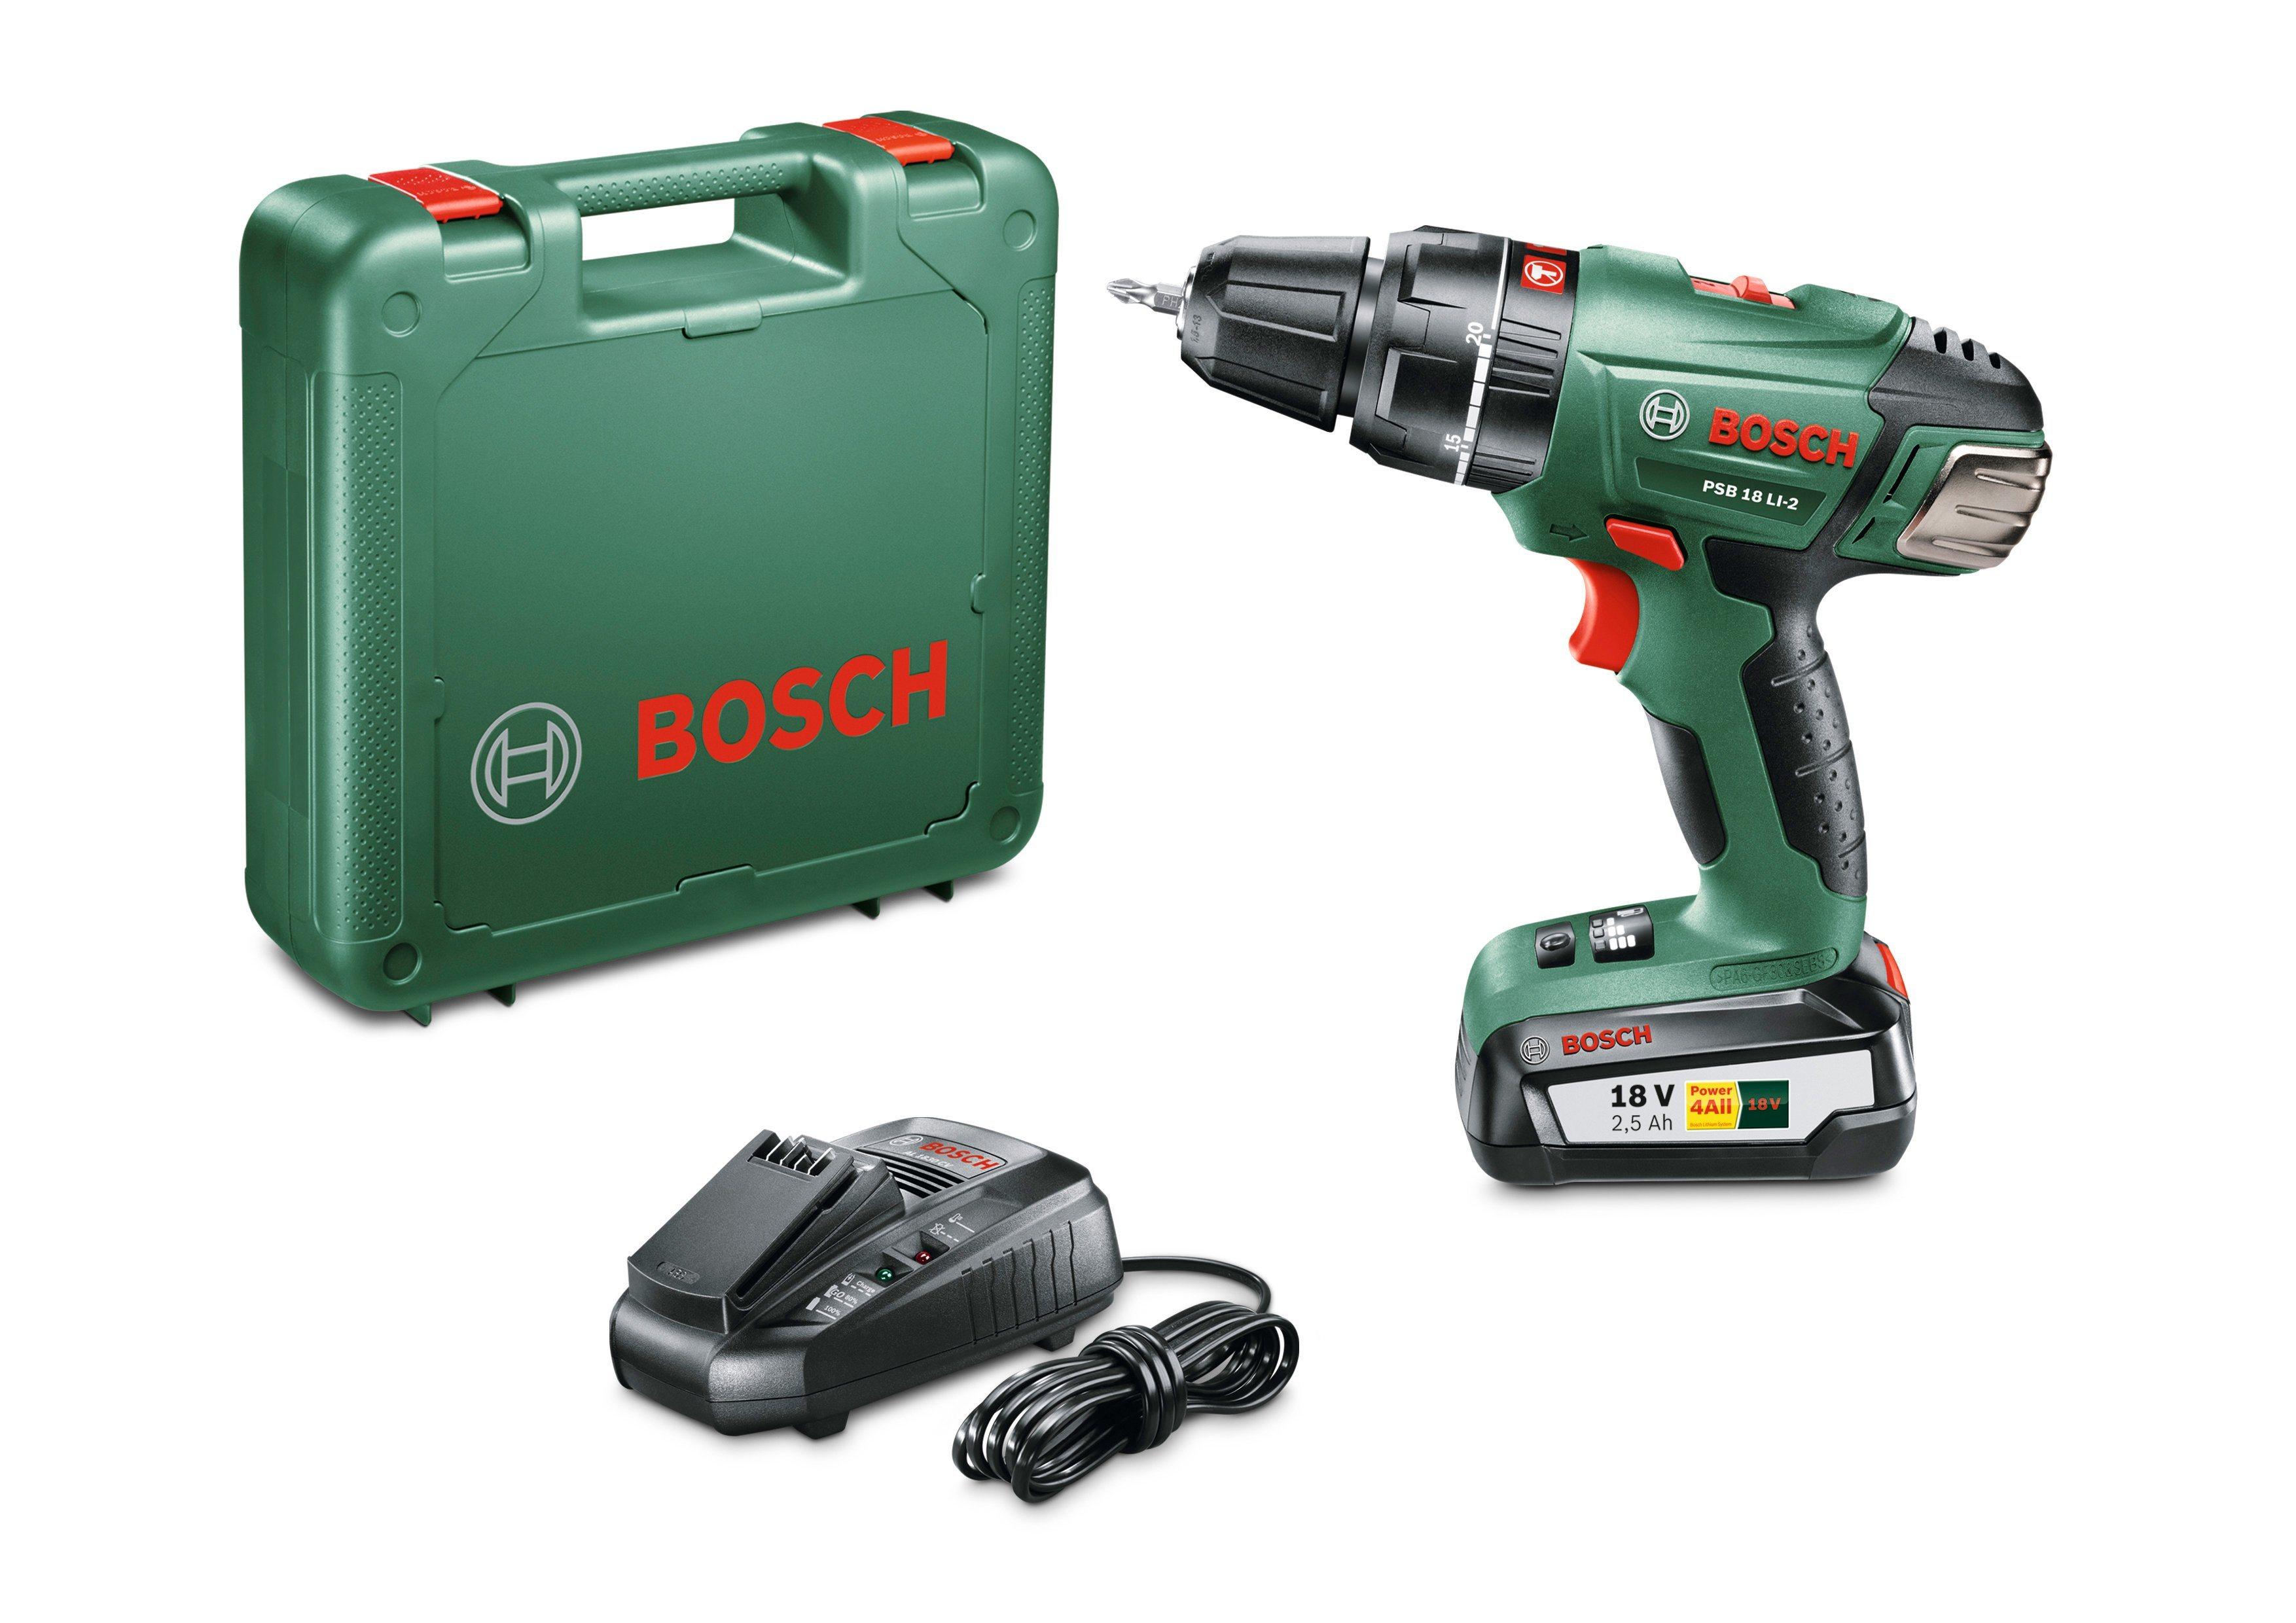 Bosch Akkuschlagbohrschrauber »PSB 18 LI-2« | Baumarkt > Werkzeug > Bohrer und Schrauber | Holz - Metall | BOSCH